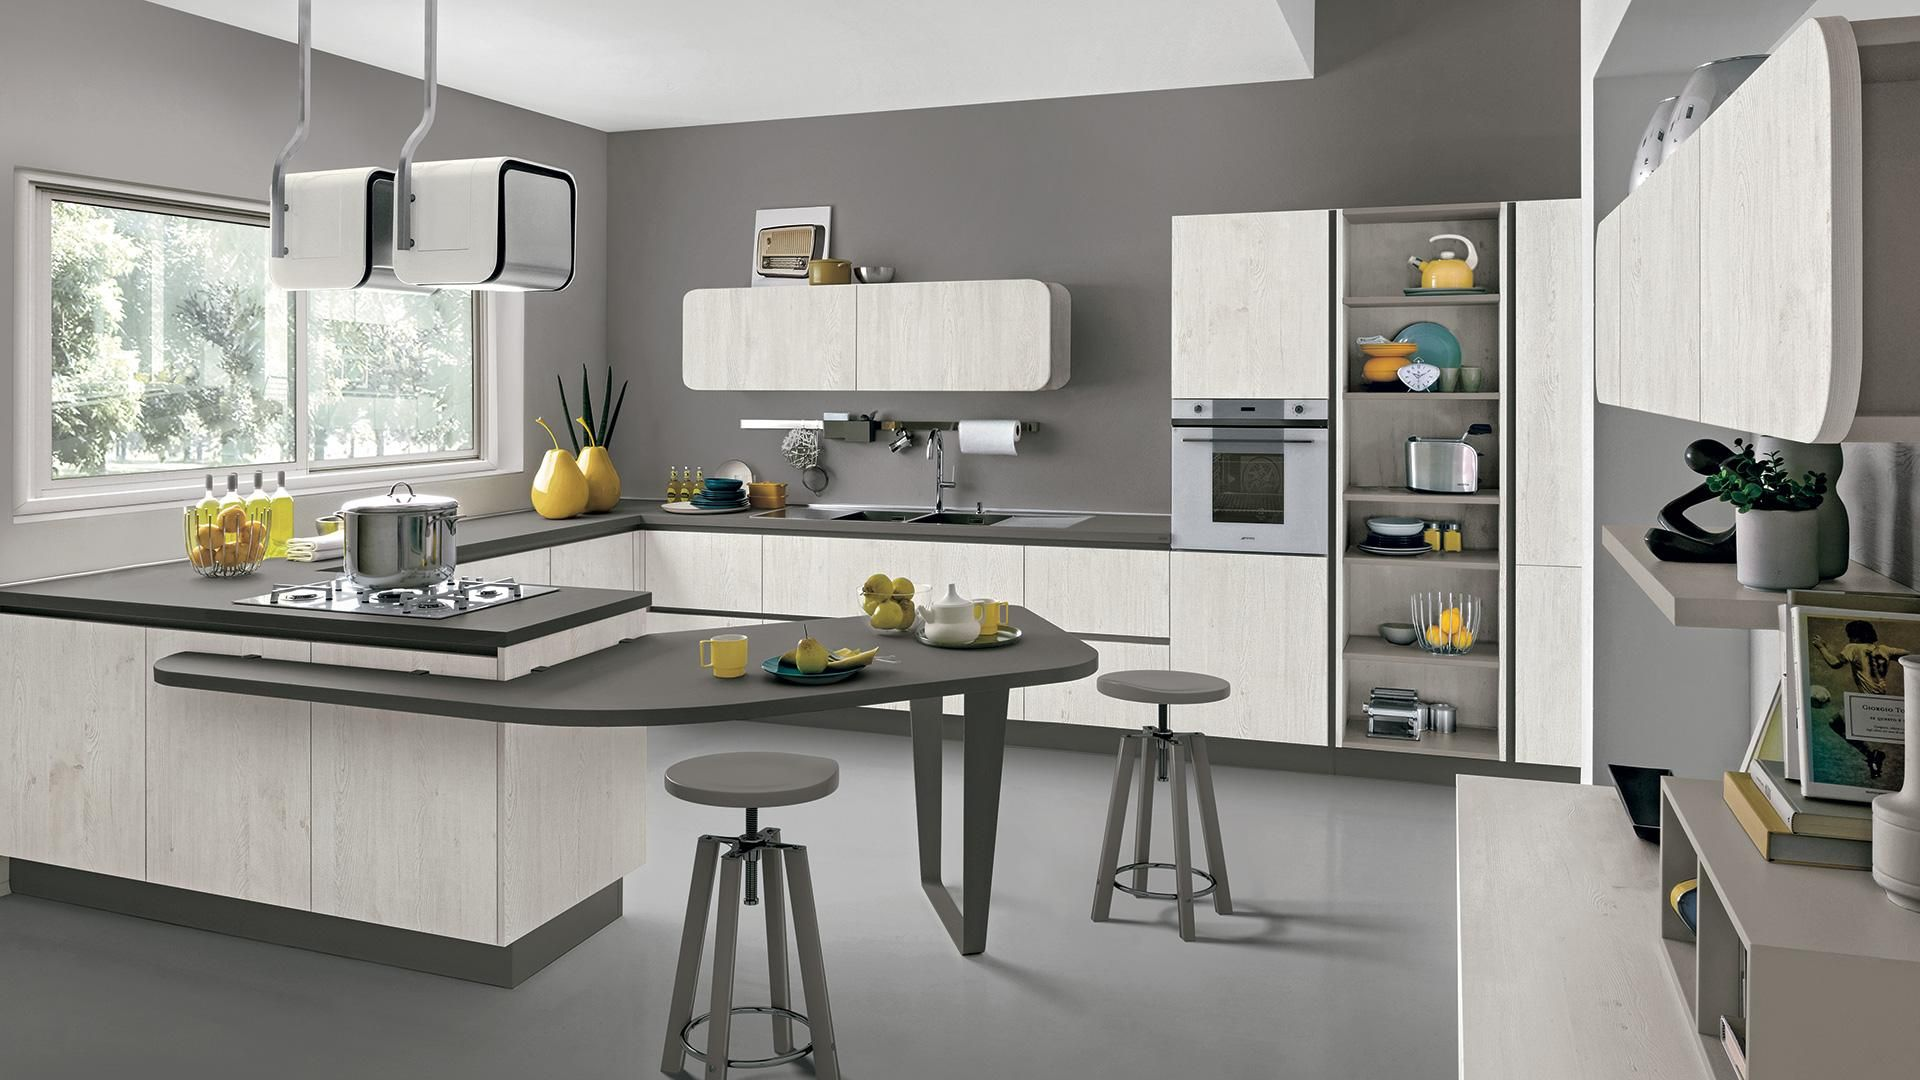 Noemi - Cucine Moderne - Cucine Lube   Kitchen   Pinterest ...